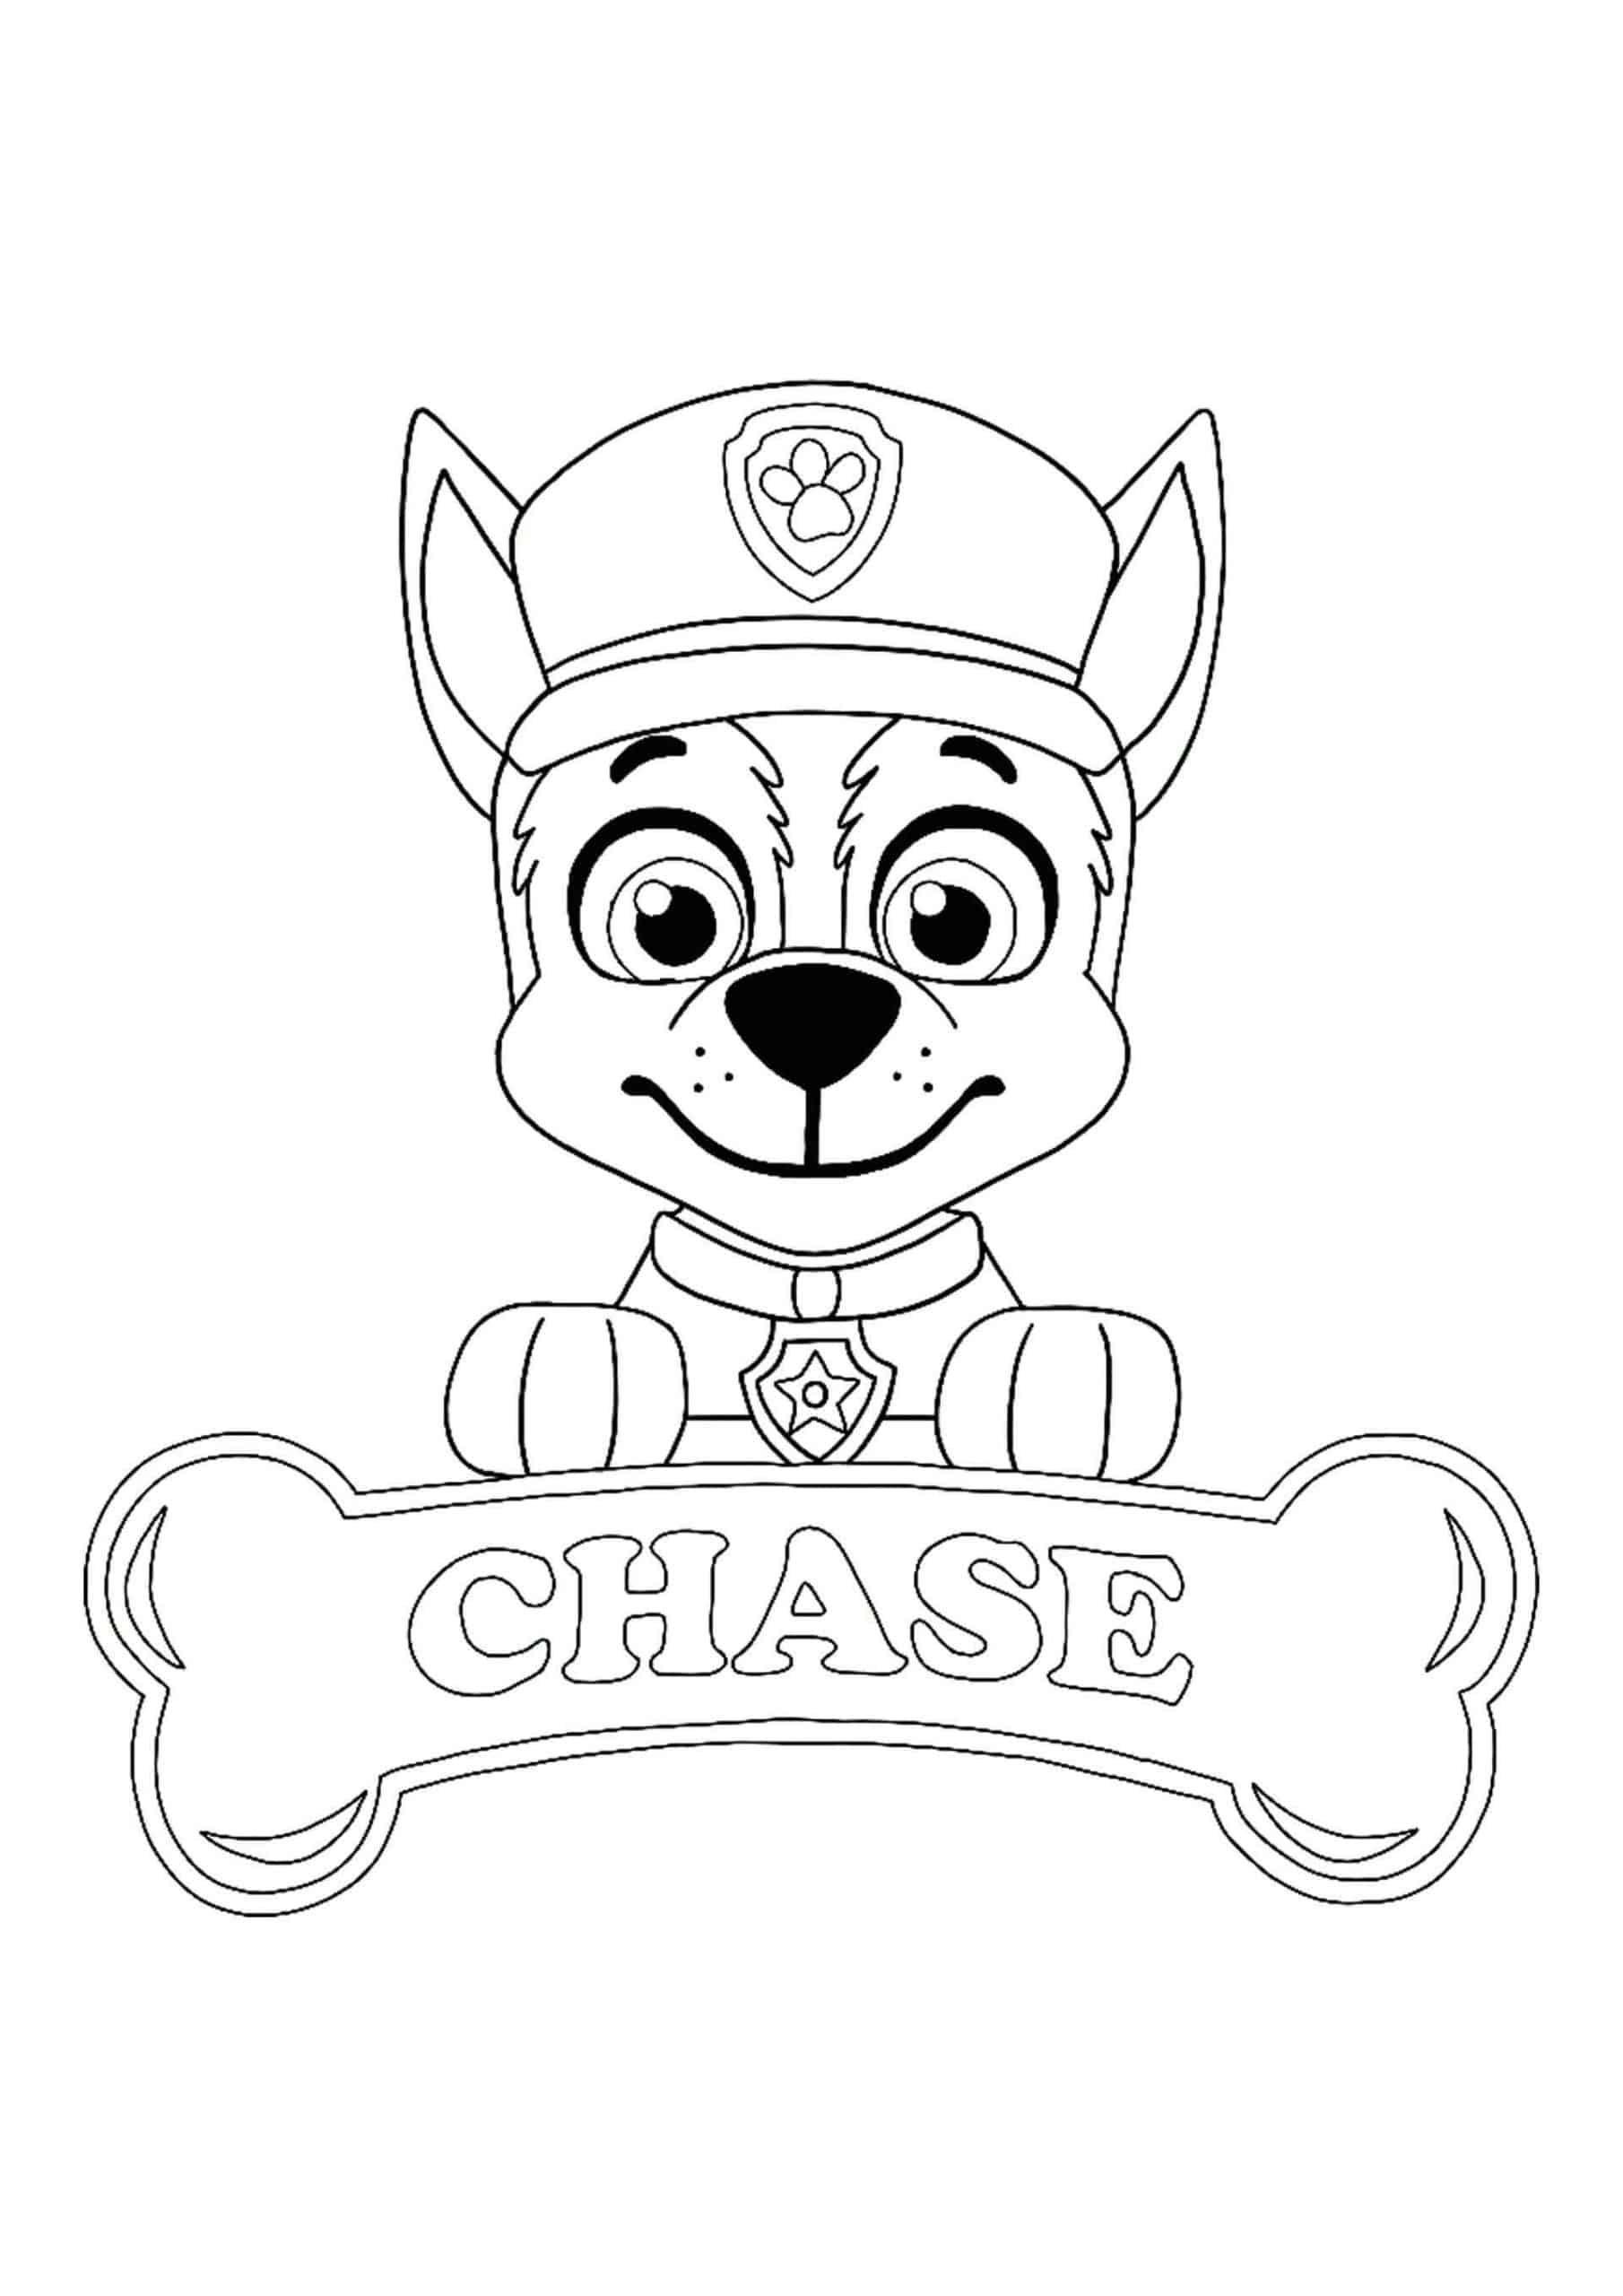 Paw Patrol Chase coloring sheet in 2020 Paw patrol